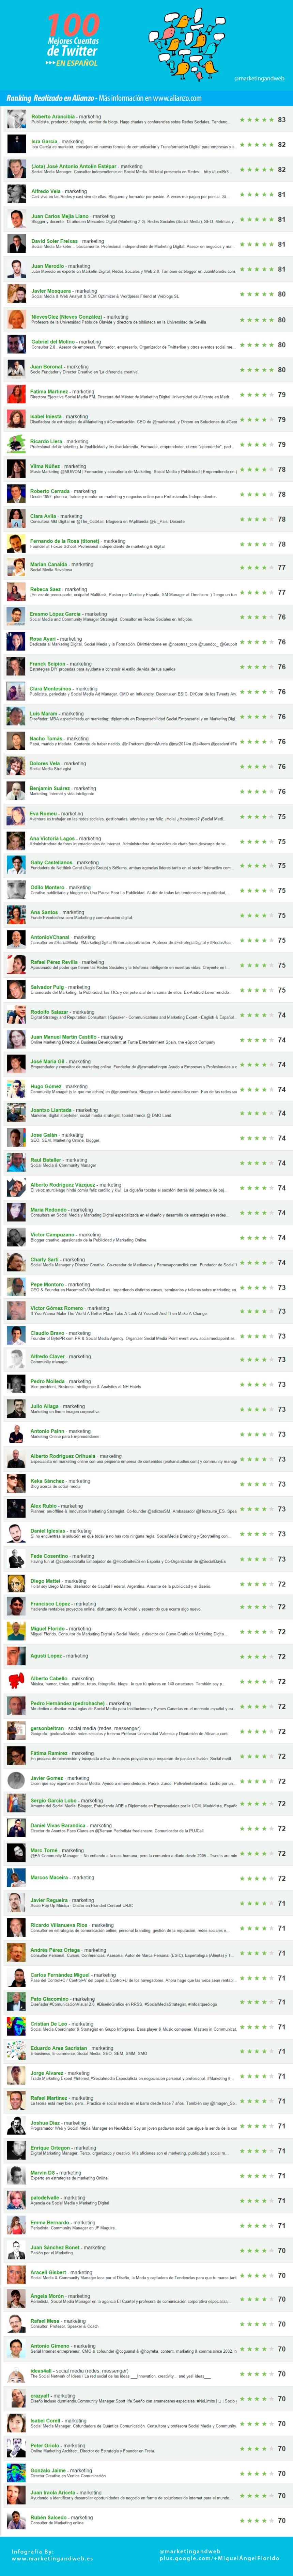 Las 100 mejores cuentas de Twitter en español